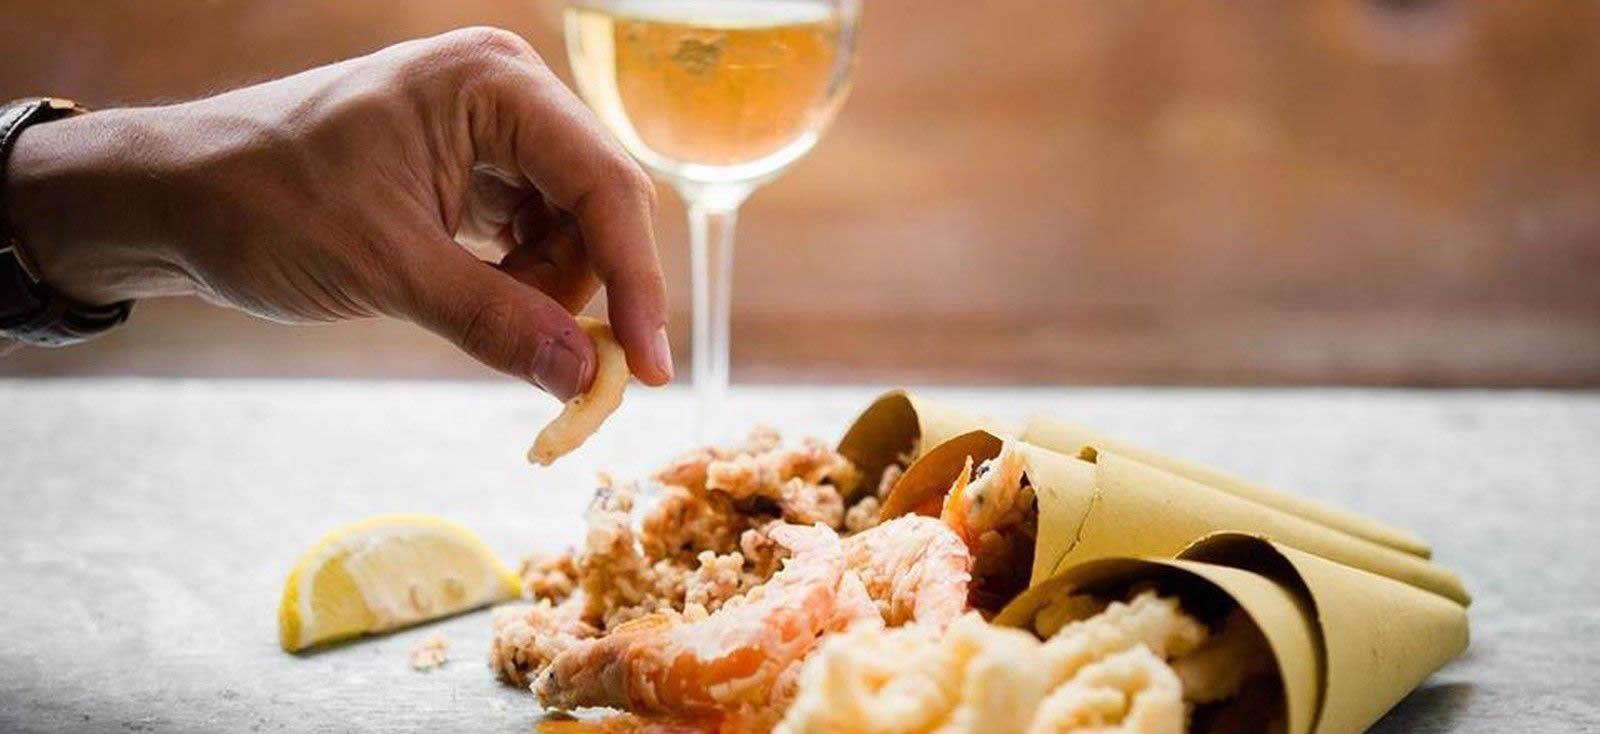 Ore 13:00 - Street food con Cartoccio di frittura e un buon vino bianco!